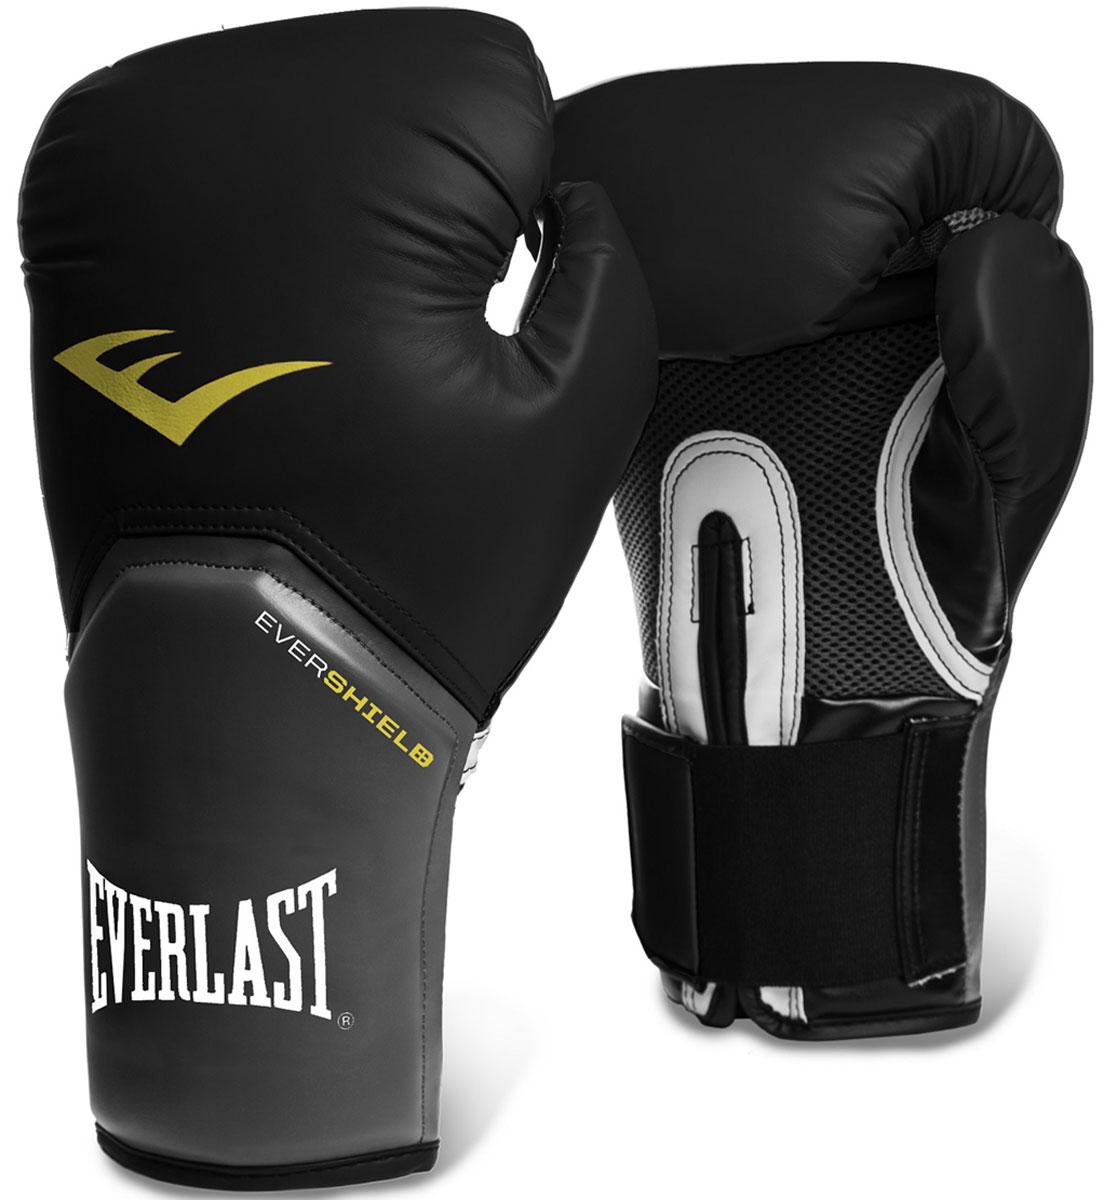 Перчатки тренировочные Everlast Pro Style Elite, цвет: черный, 8 унций2308EEverlast Pro Style Elite - тренировочные боксерские перчатки для спаррингов и работы на снарядах. Изготовлены из качественной искусственной кожи с применением технологий Everlast, использующихся в экипировке профессиональных спортсменов. Благодаря выверенной анатомической форме перчатки надежно фиксируют руку и гарантируют защиту от травм. Нижняя часть, полностью изготовленная из сетчатого материала, обеспечивает циркуляцию воздуха и препятствует образованию влаги, а также неприятного запаха за счет антибактериальной пропитки EVERFRESH. Комбинация легких дышащих материалов поддерживает оптимальную температуру тела. Модель подходит для начинающих боксеров, которые хотят тренироваться с экипировкой высокого класса.